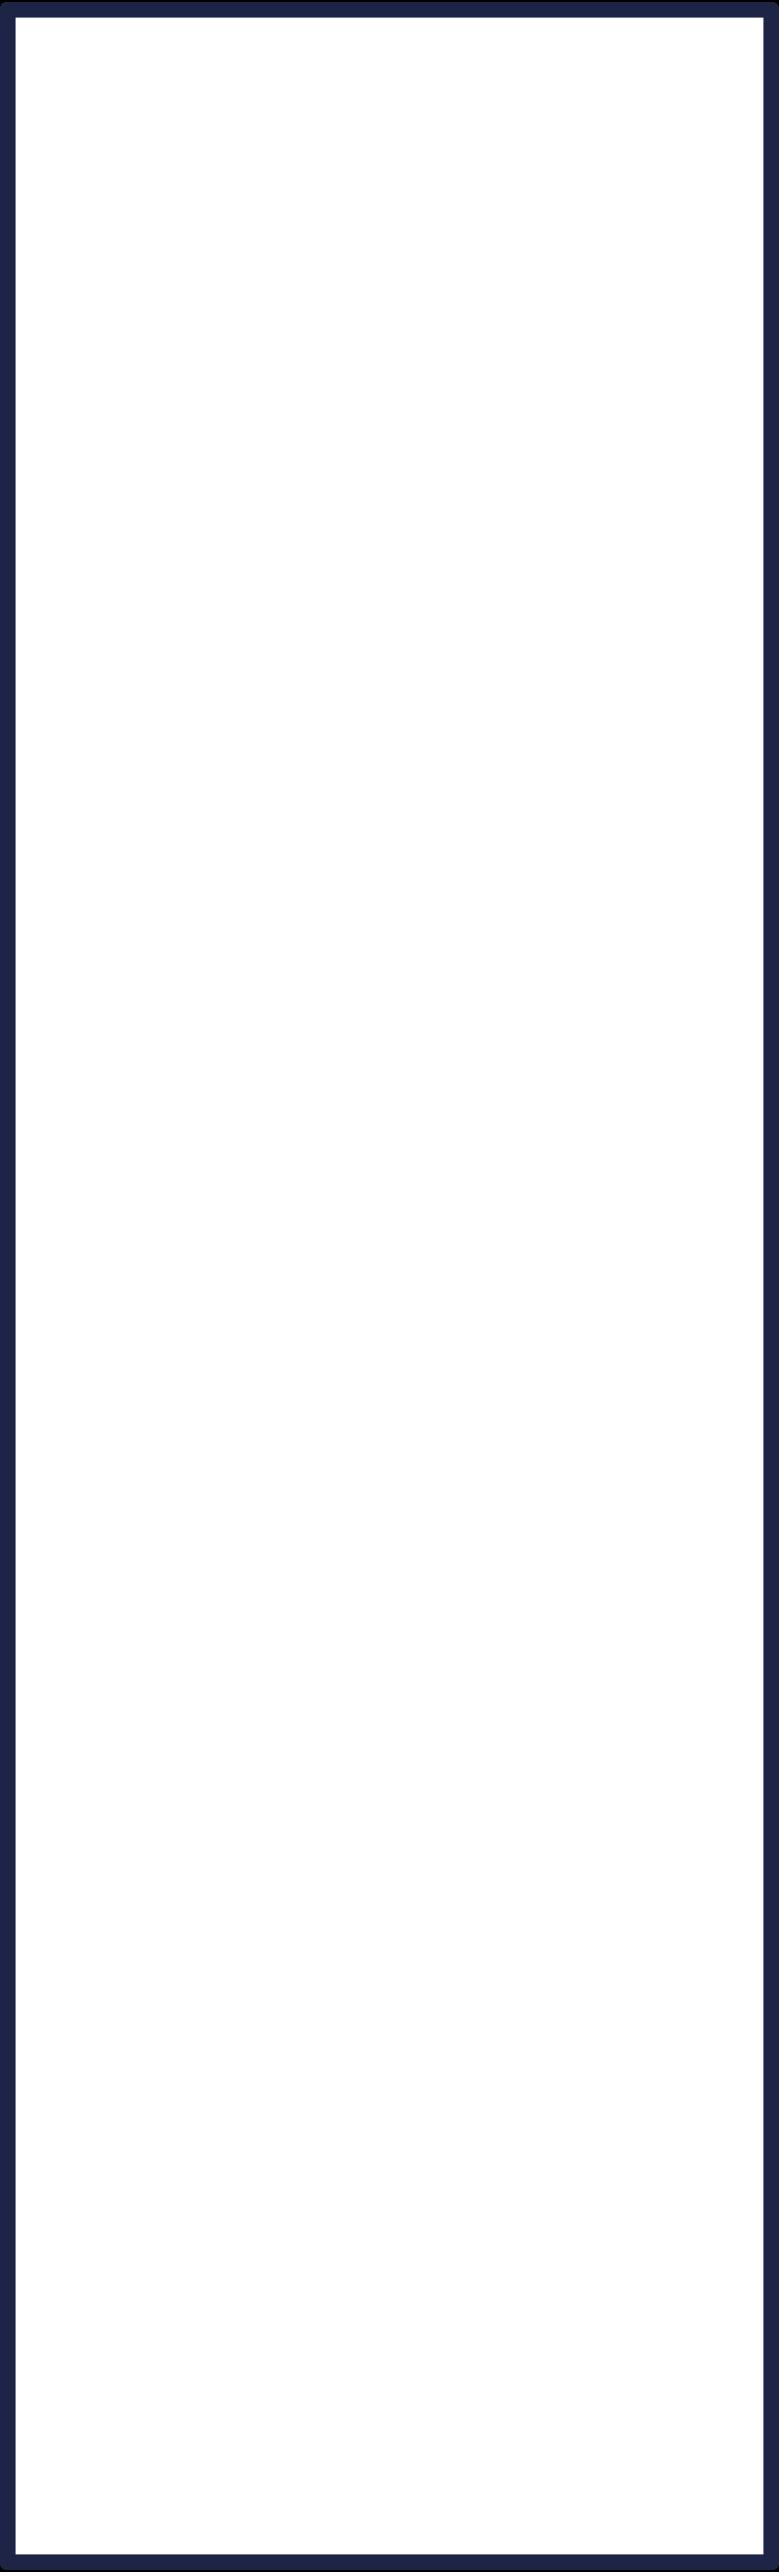 searching  london building 2 line Clipart-Grafik als PNG, SVG